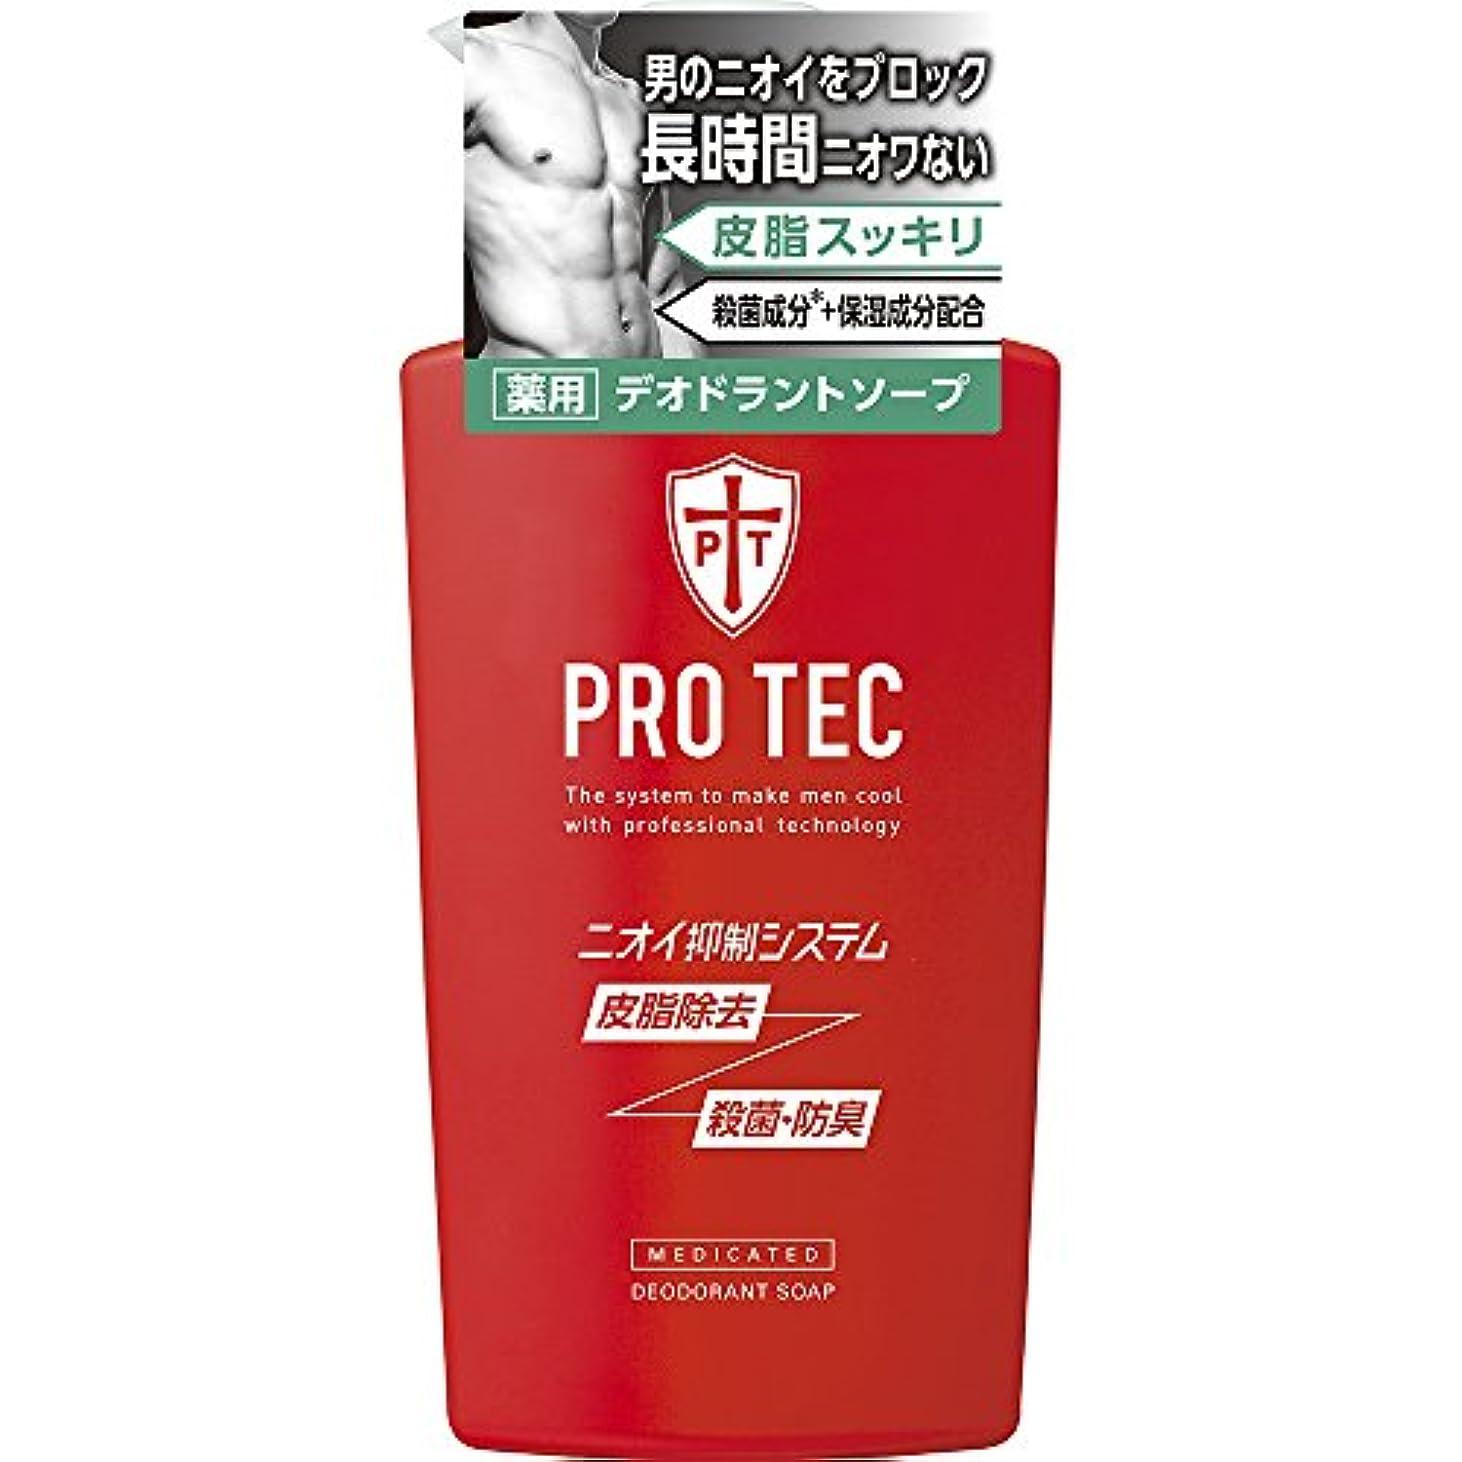 会員帝国主義蒸気PRO TEC(プロテク) デオドラントソープ 本体ポンプ 420ml